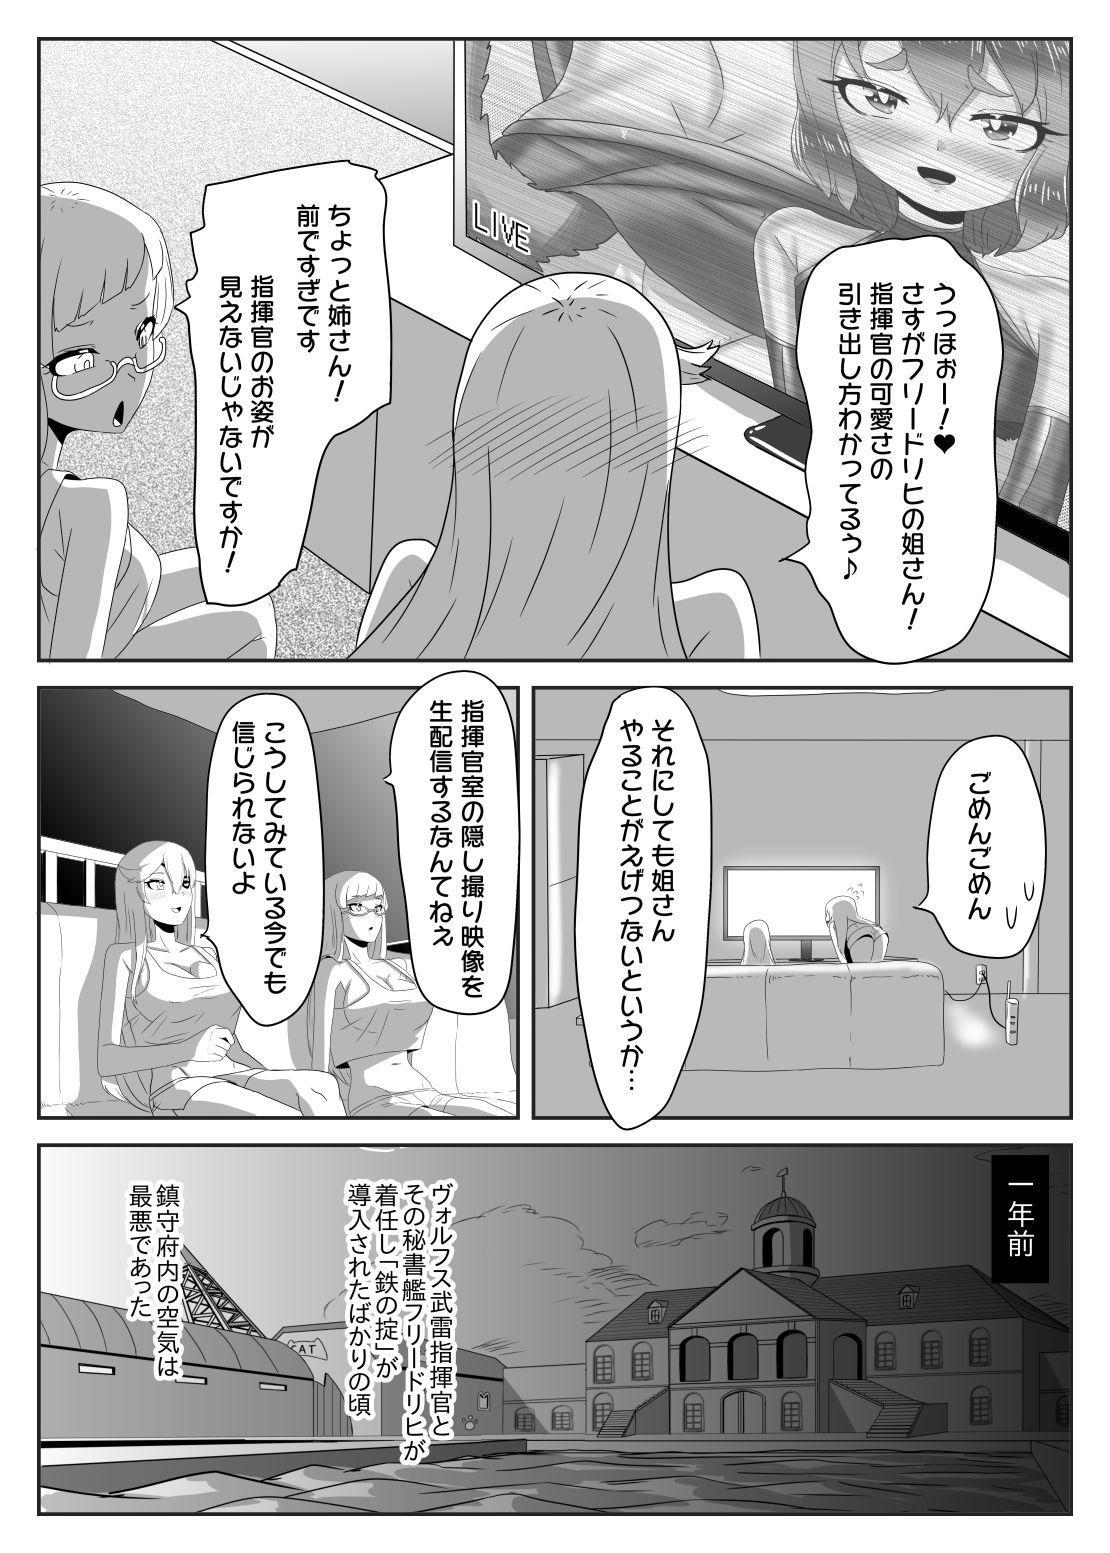 ふたなり艦隊と男の娘指揮官~フリードリ●はバブみが深い?~ 10